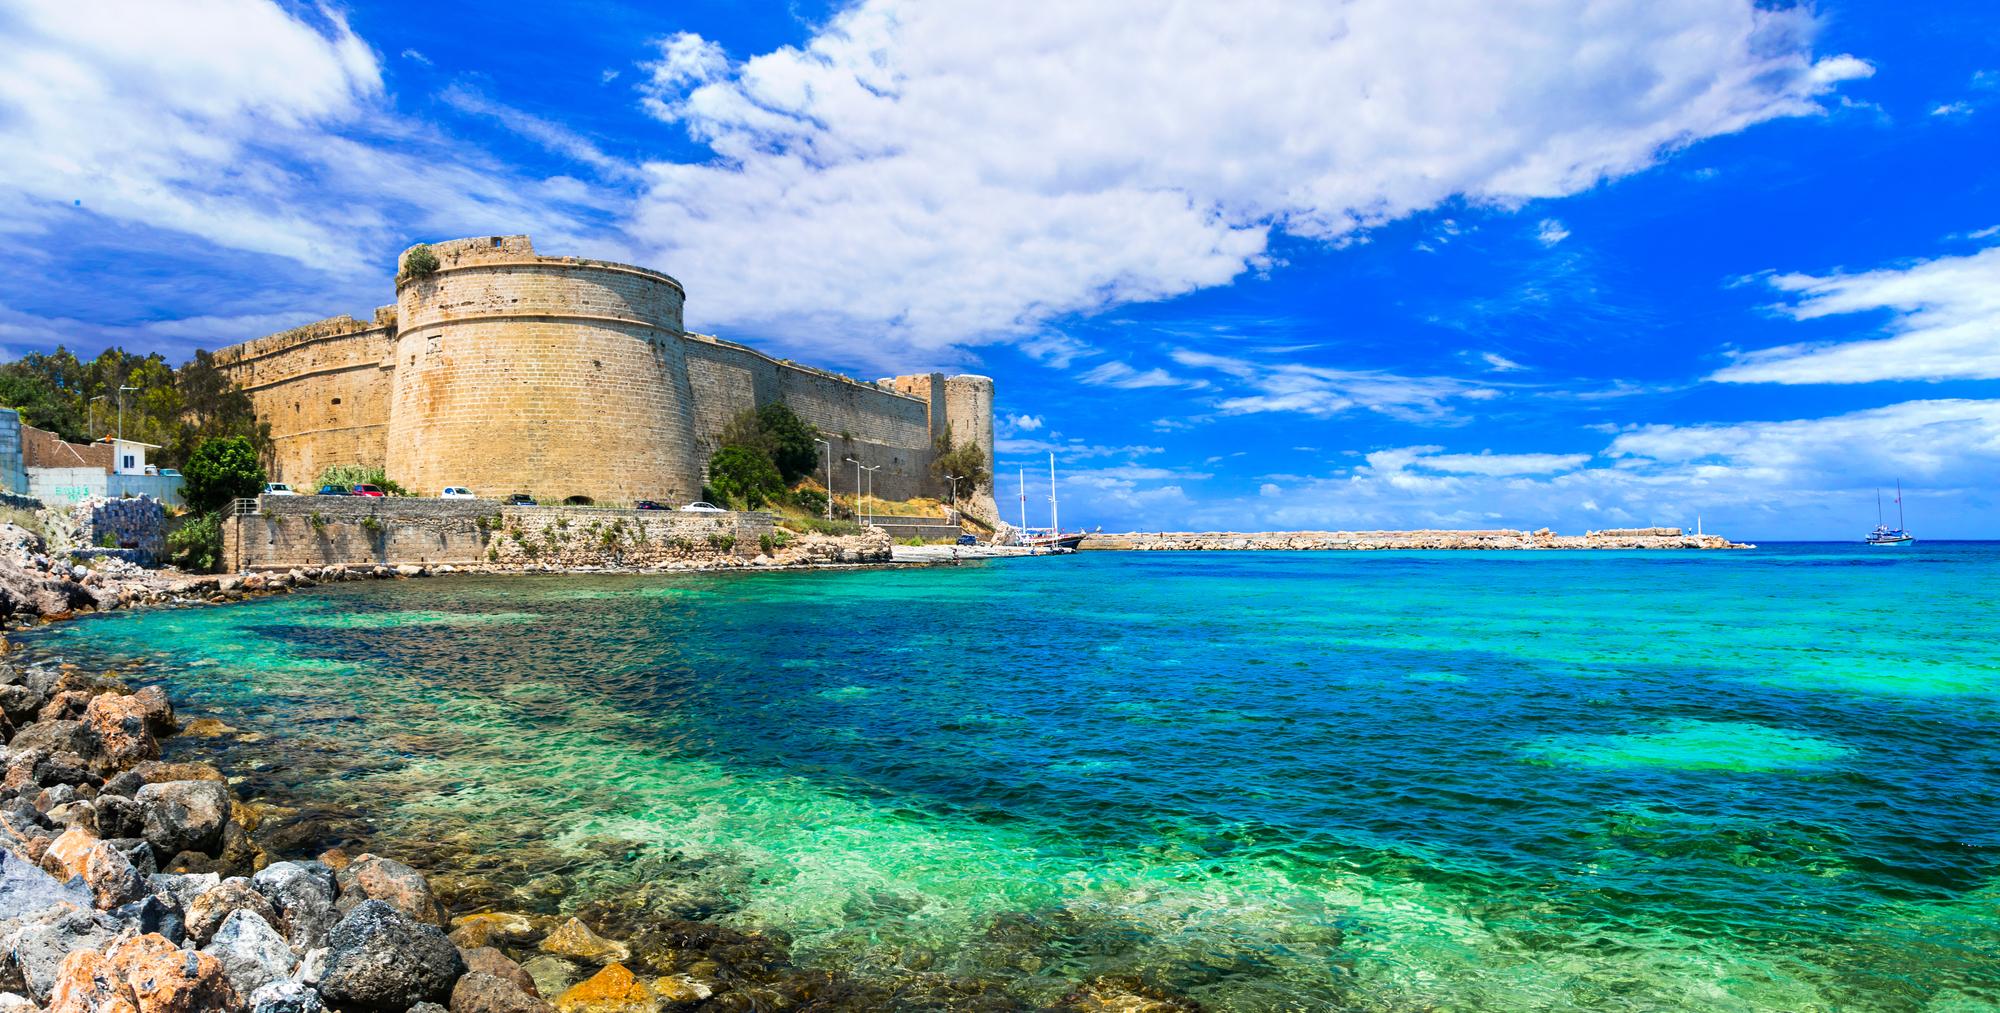 רכיבת אופניים בקפריסין - 3 מסלולים מומלצים